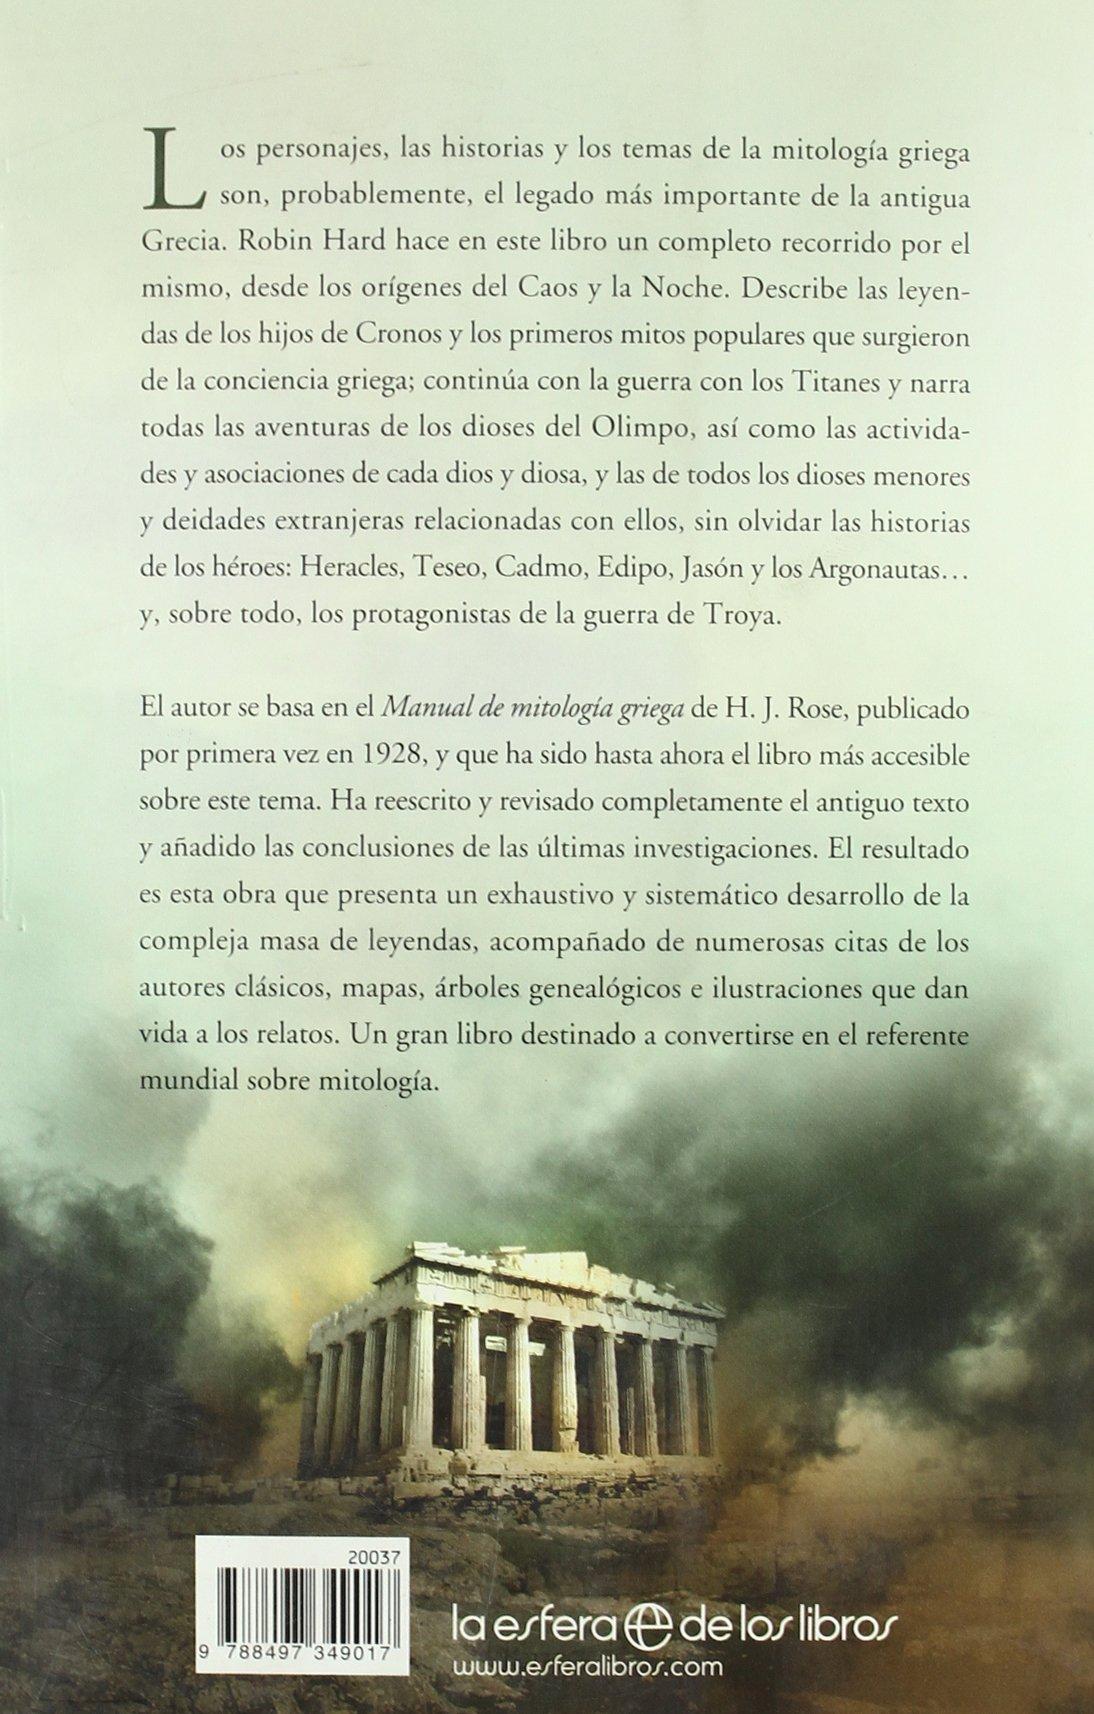 El gran libro de la mitología griega : basado en el manual de mitología  griega de H. J. Rose: Robin Hard: 9788497349017: Amazon.com: Books